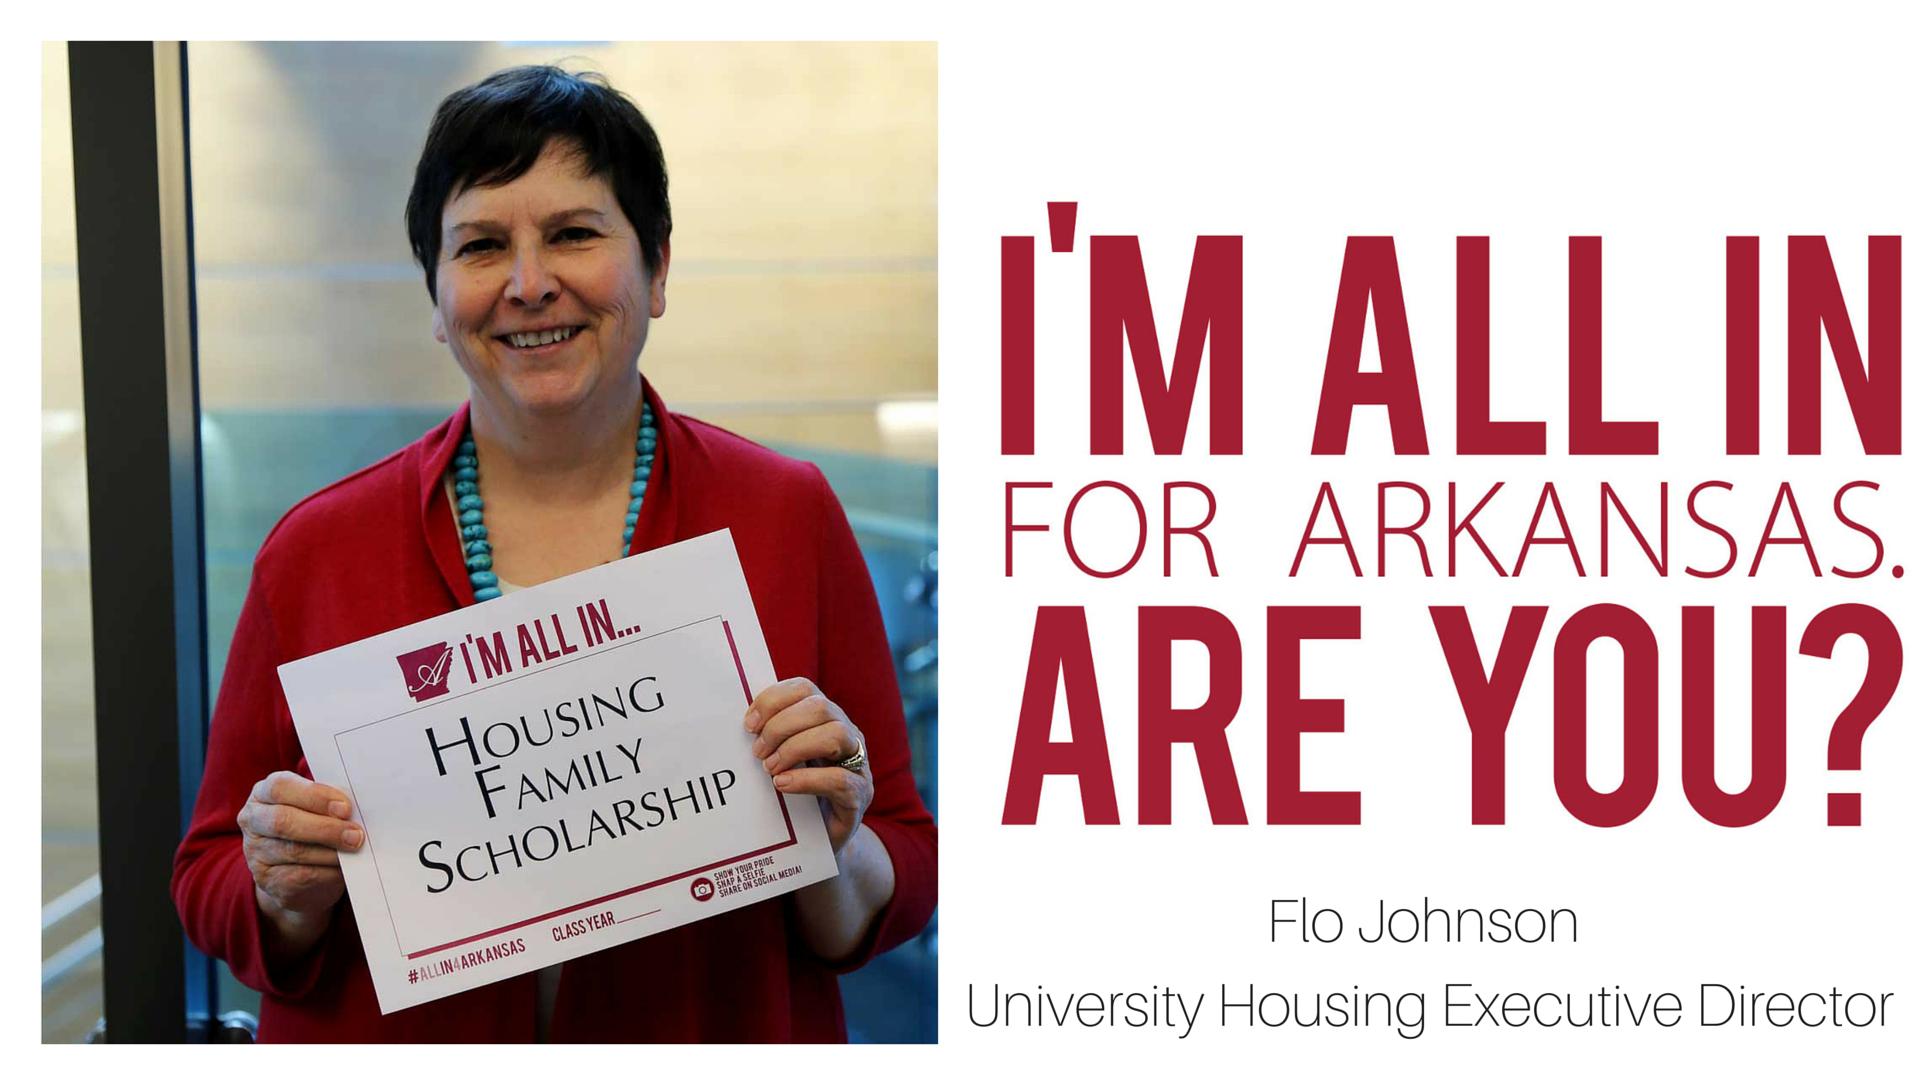 Housing Joins All in for Arkansas to Establish Family Scholarship